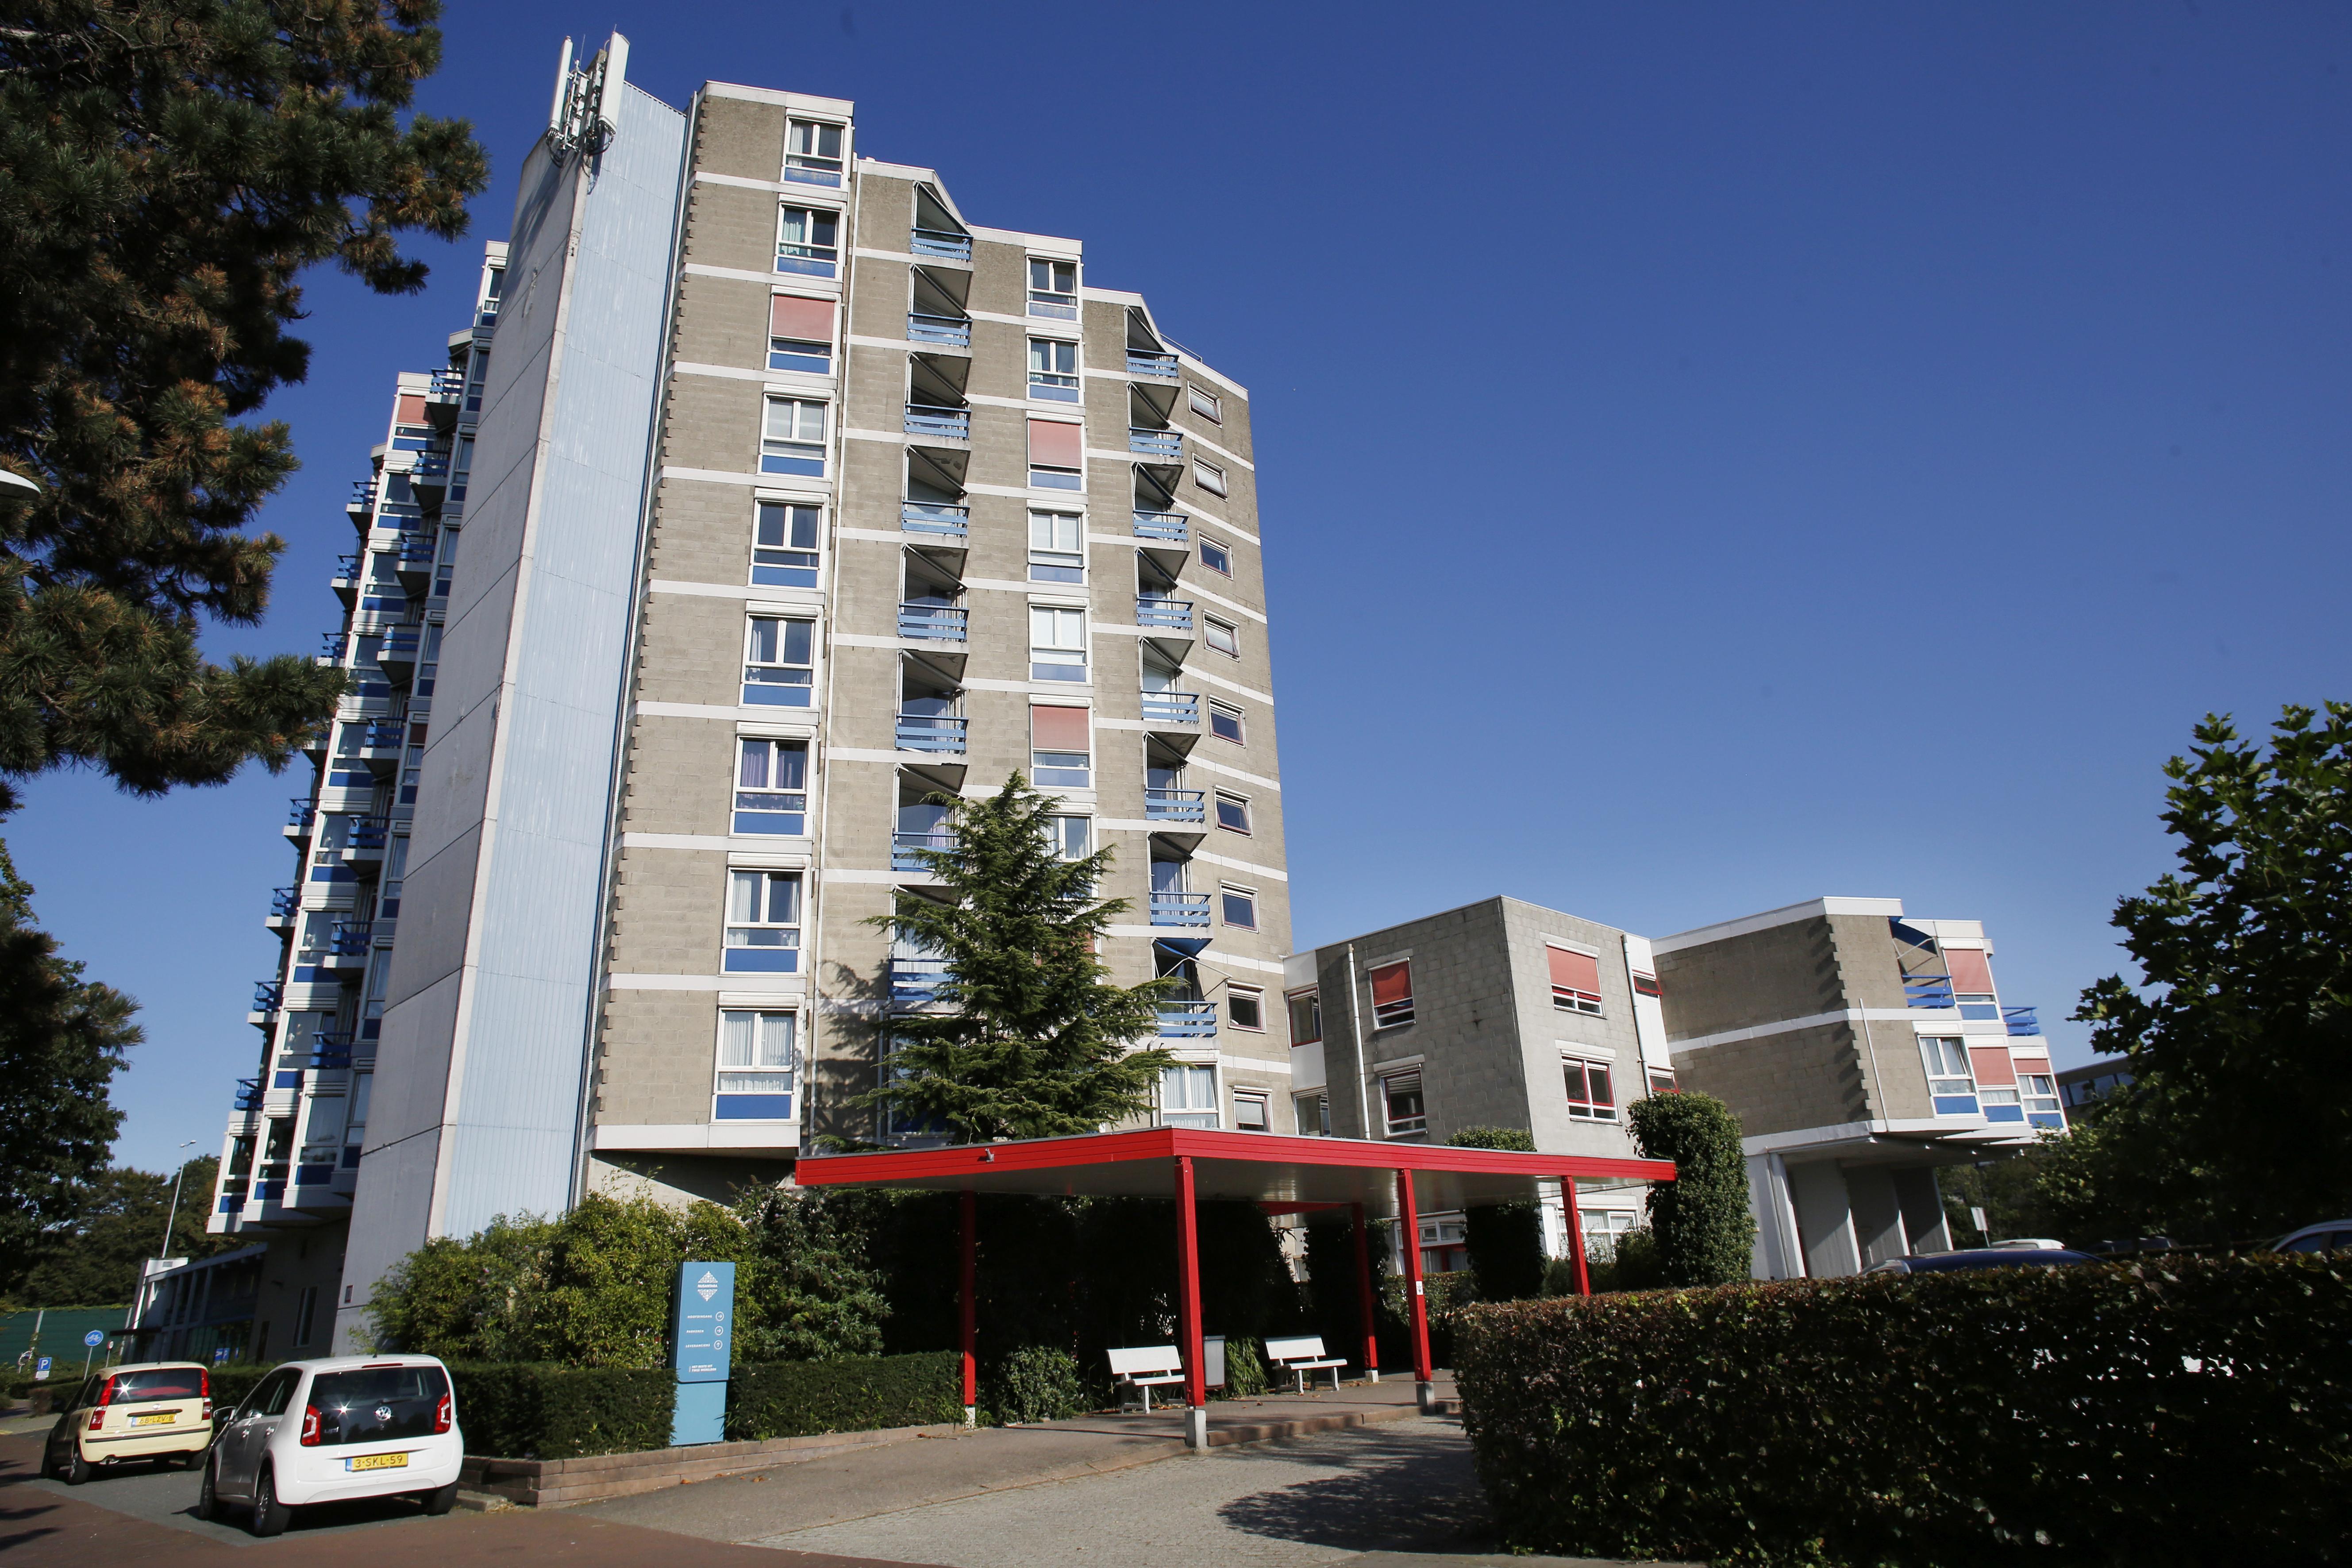 Zeven bewoners van Patria in Bussum zijn overleden door corona. Directeur van dicht verpleeghuis staat beperkt bezoek toe. 'Niemand mag alleen sterven'